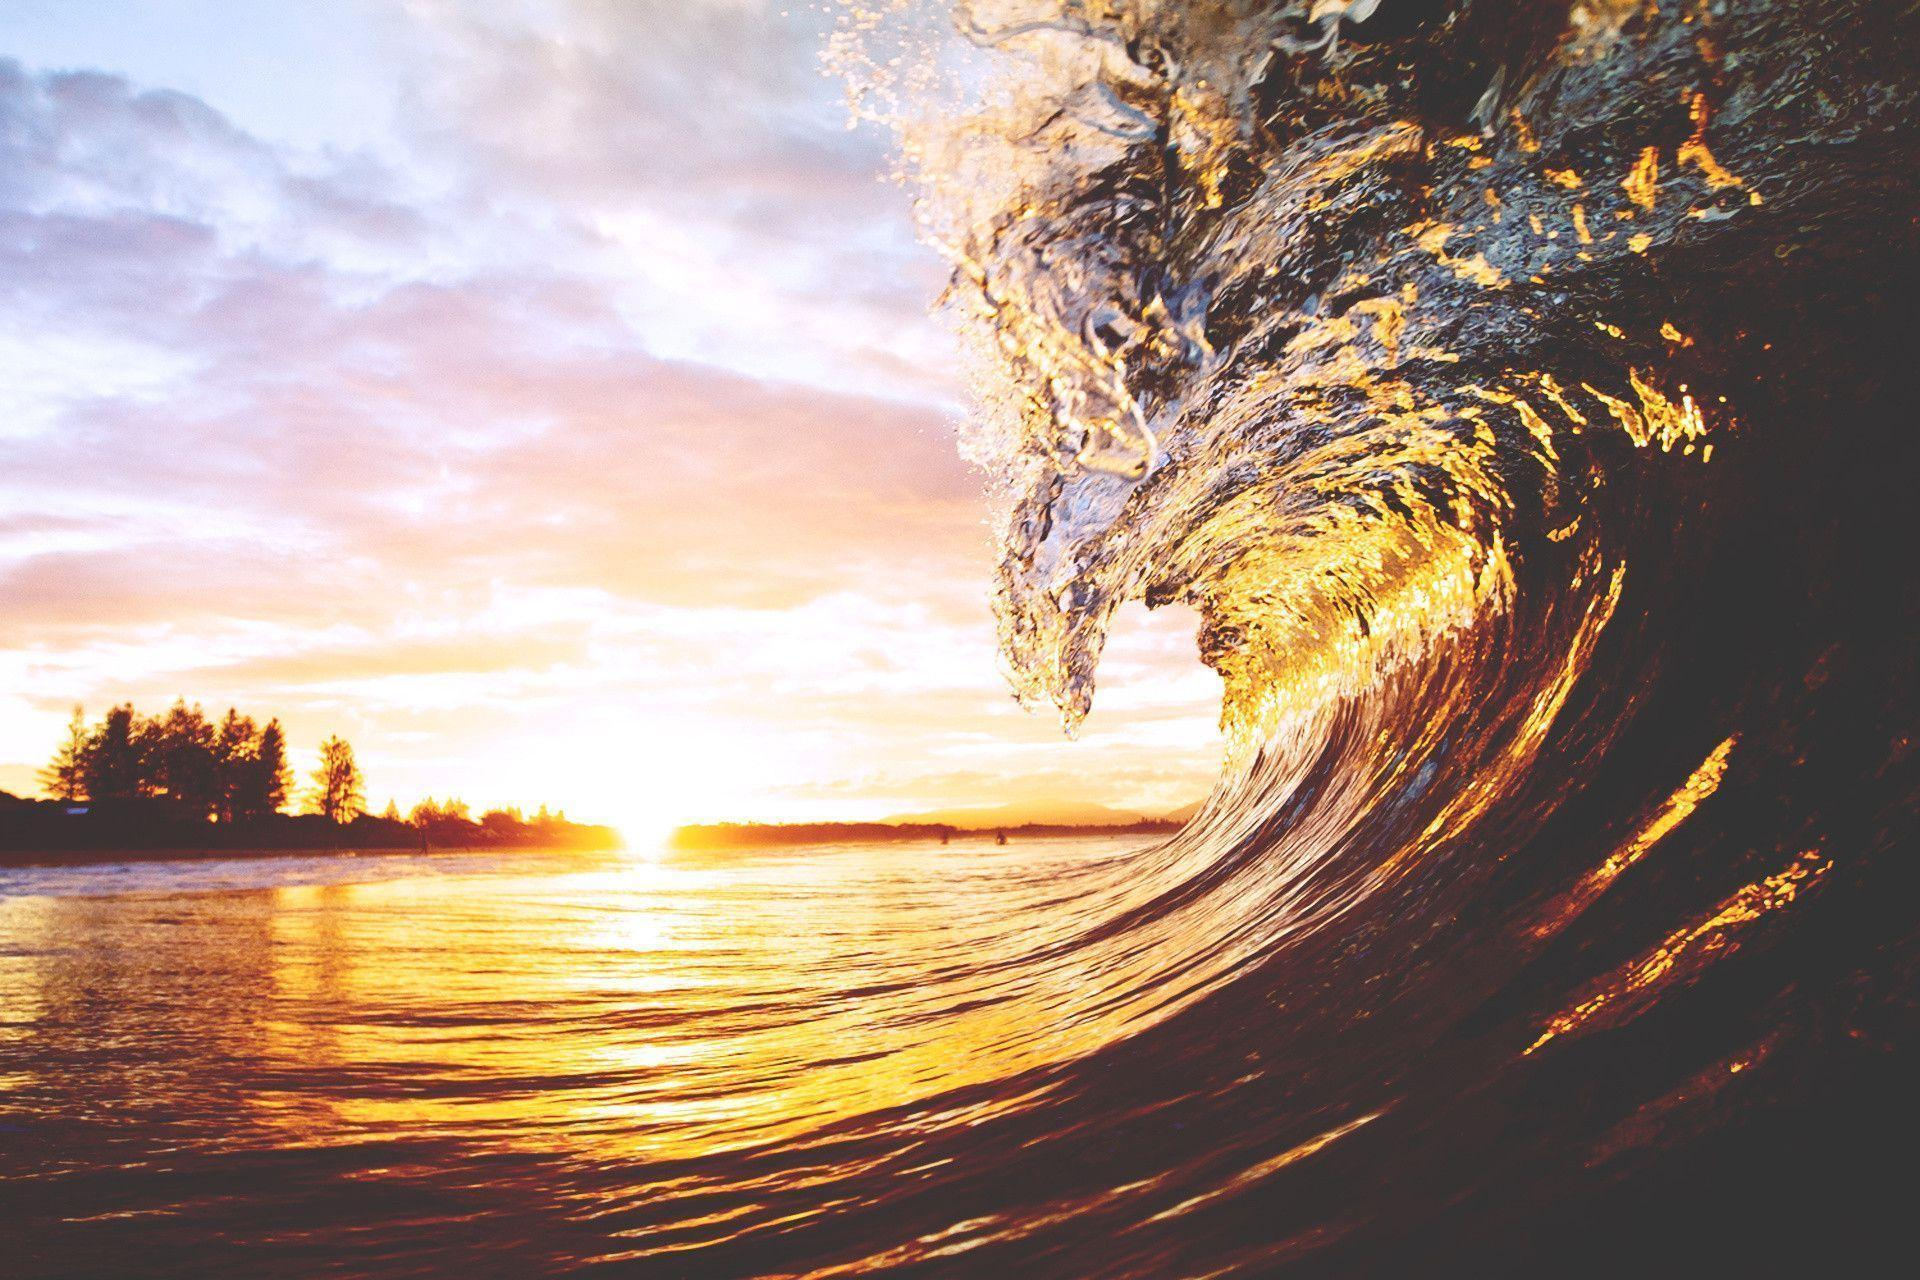 Beach Sunset Desktop Wallpapers - Wallpaper CaveBeach Sunset Backgrounds For Computer